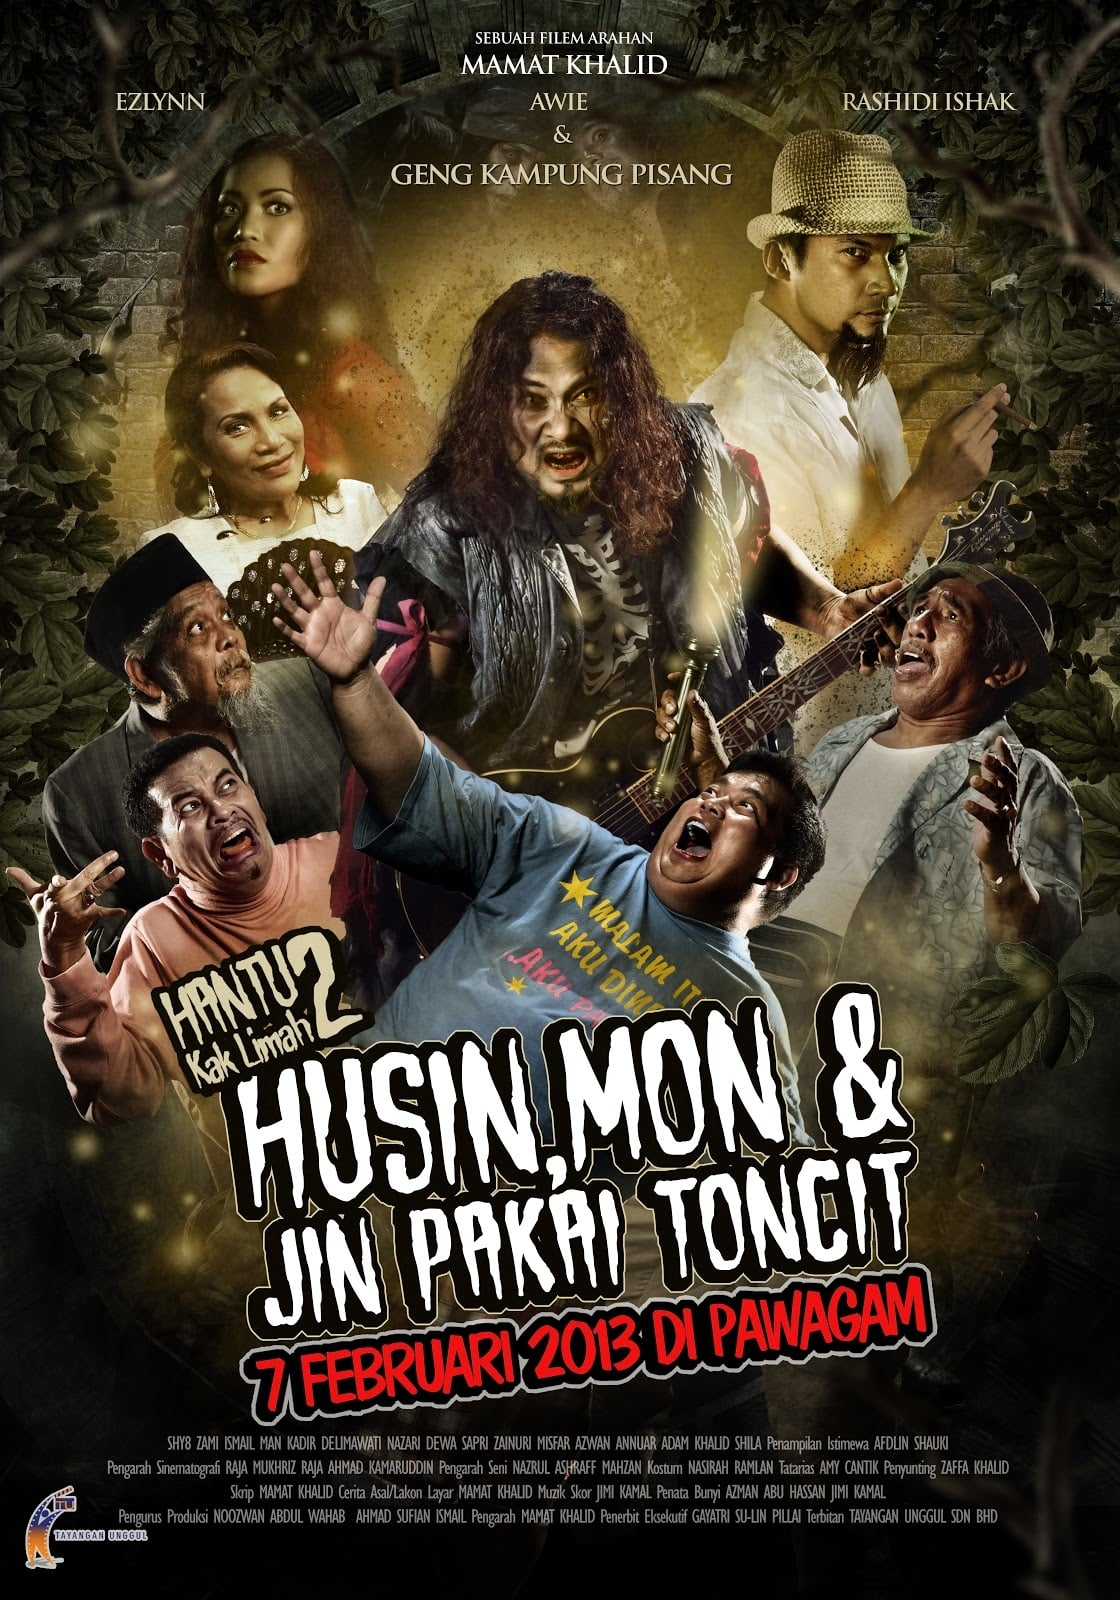 Hantu Kak Limah 2: Husin, Mon dan Jin Pakai Toncit